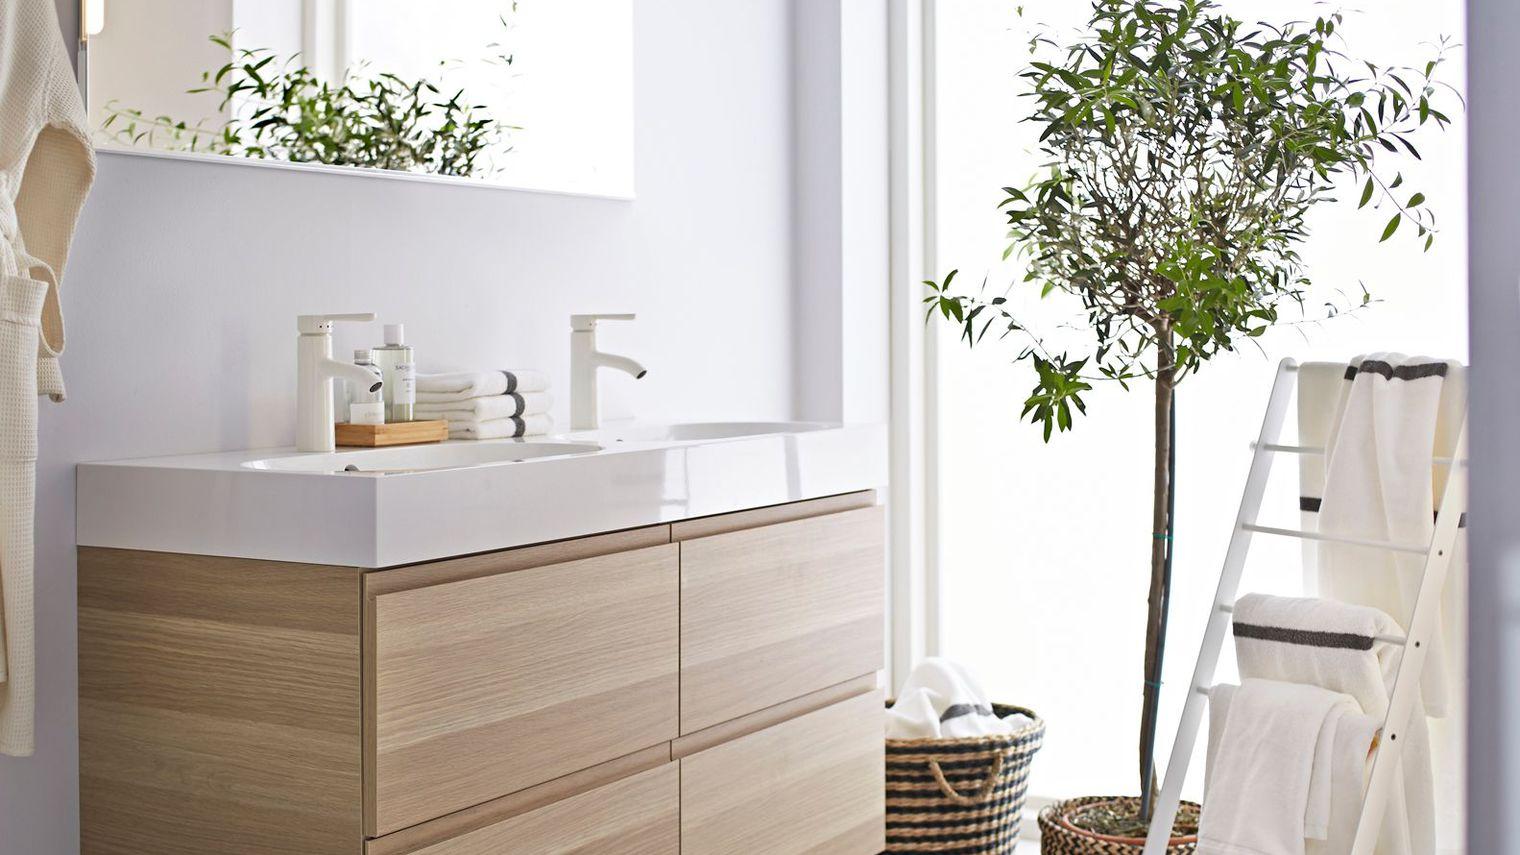 Acheter meuble salle de bain pas cher maison parallele - Salle de bain originale et pas chere ...